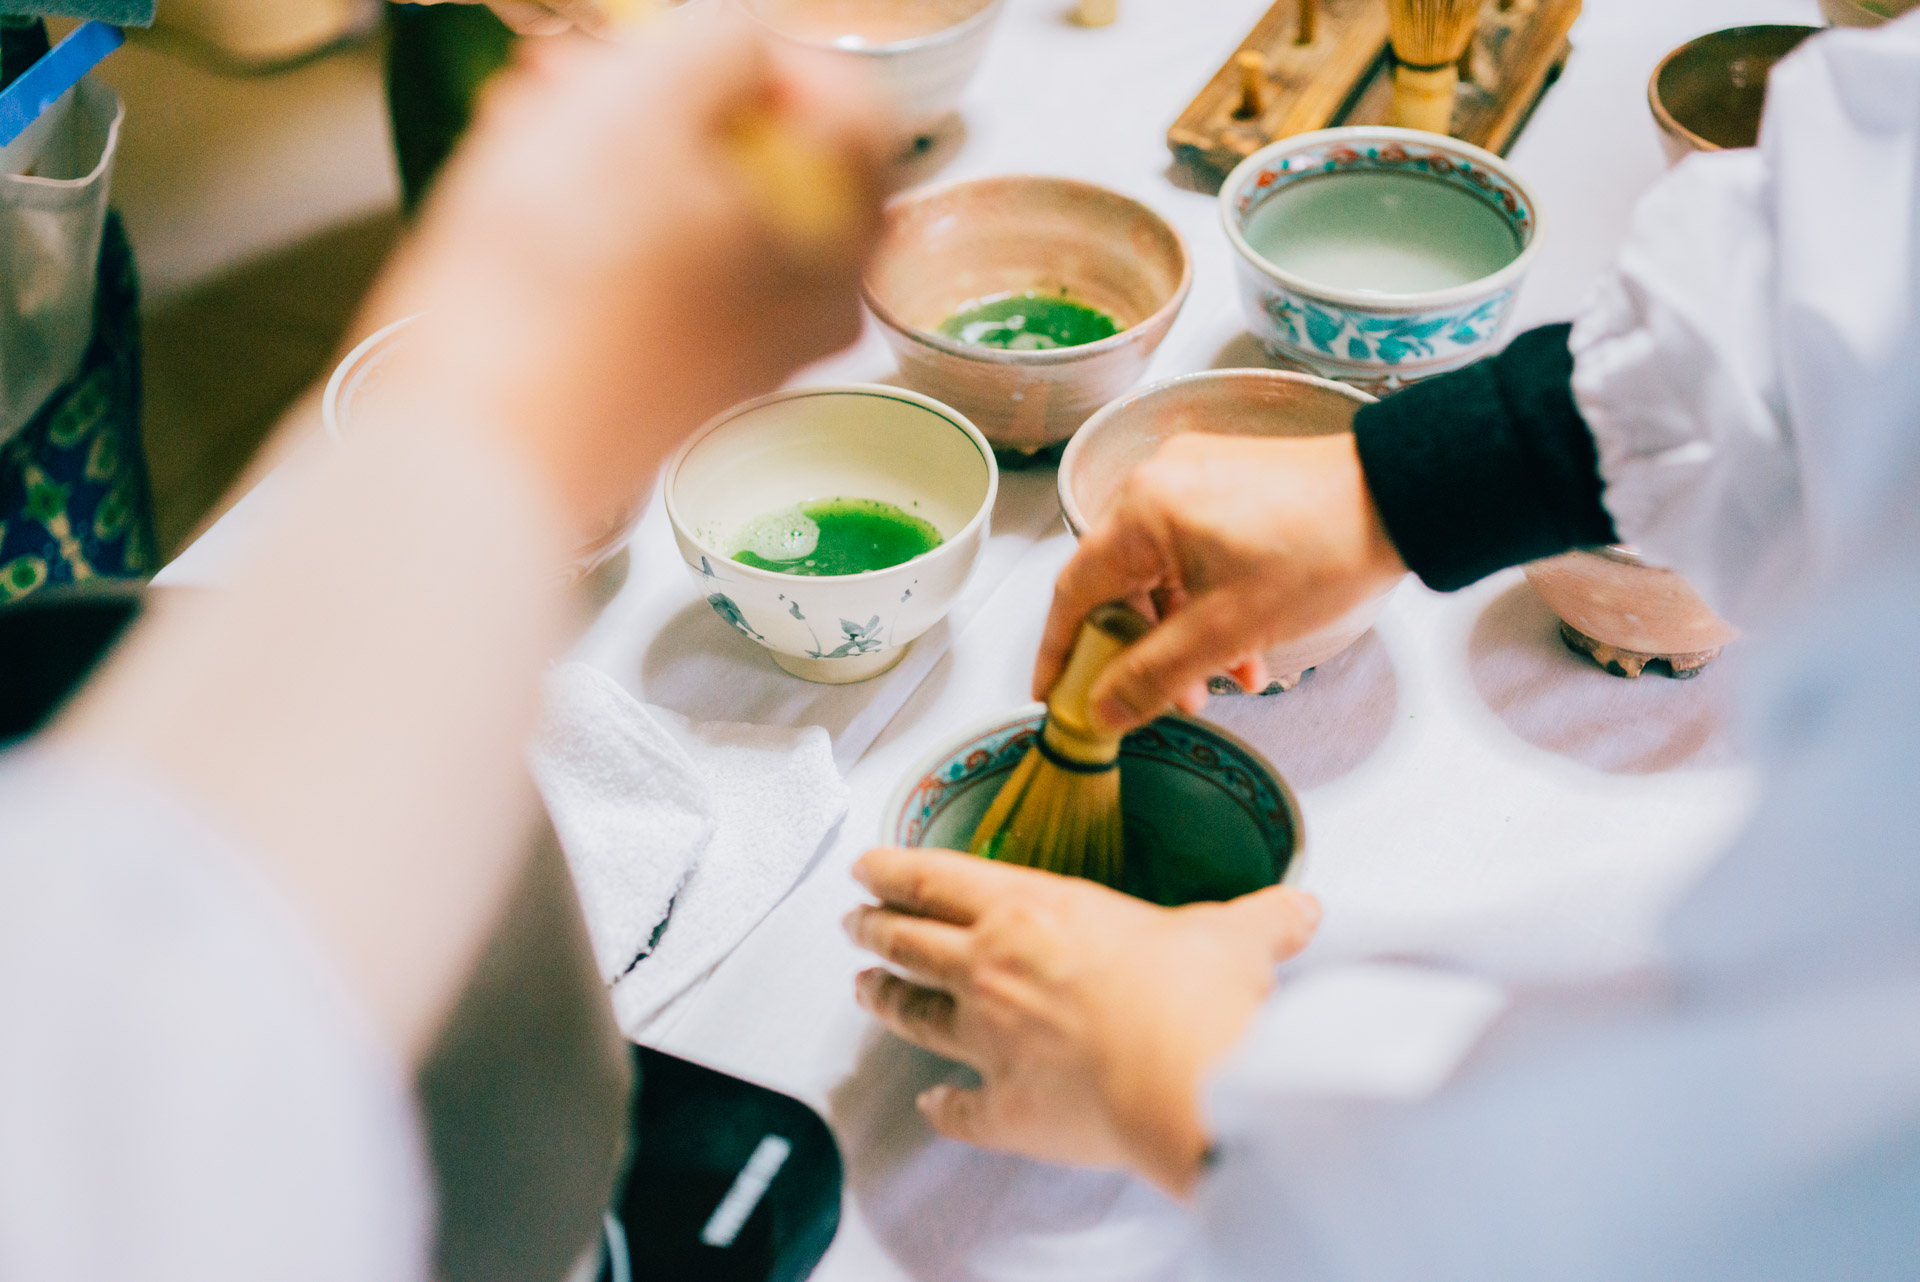 3月4日瑶甫会茶会。